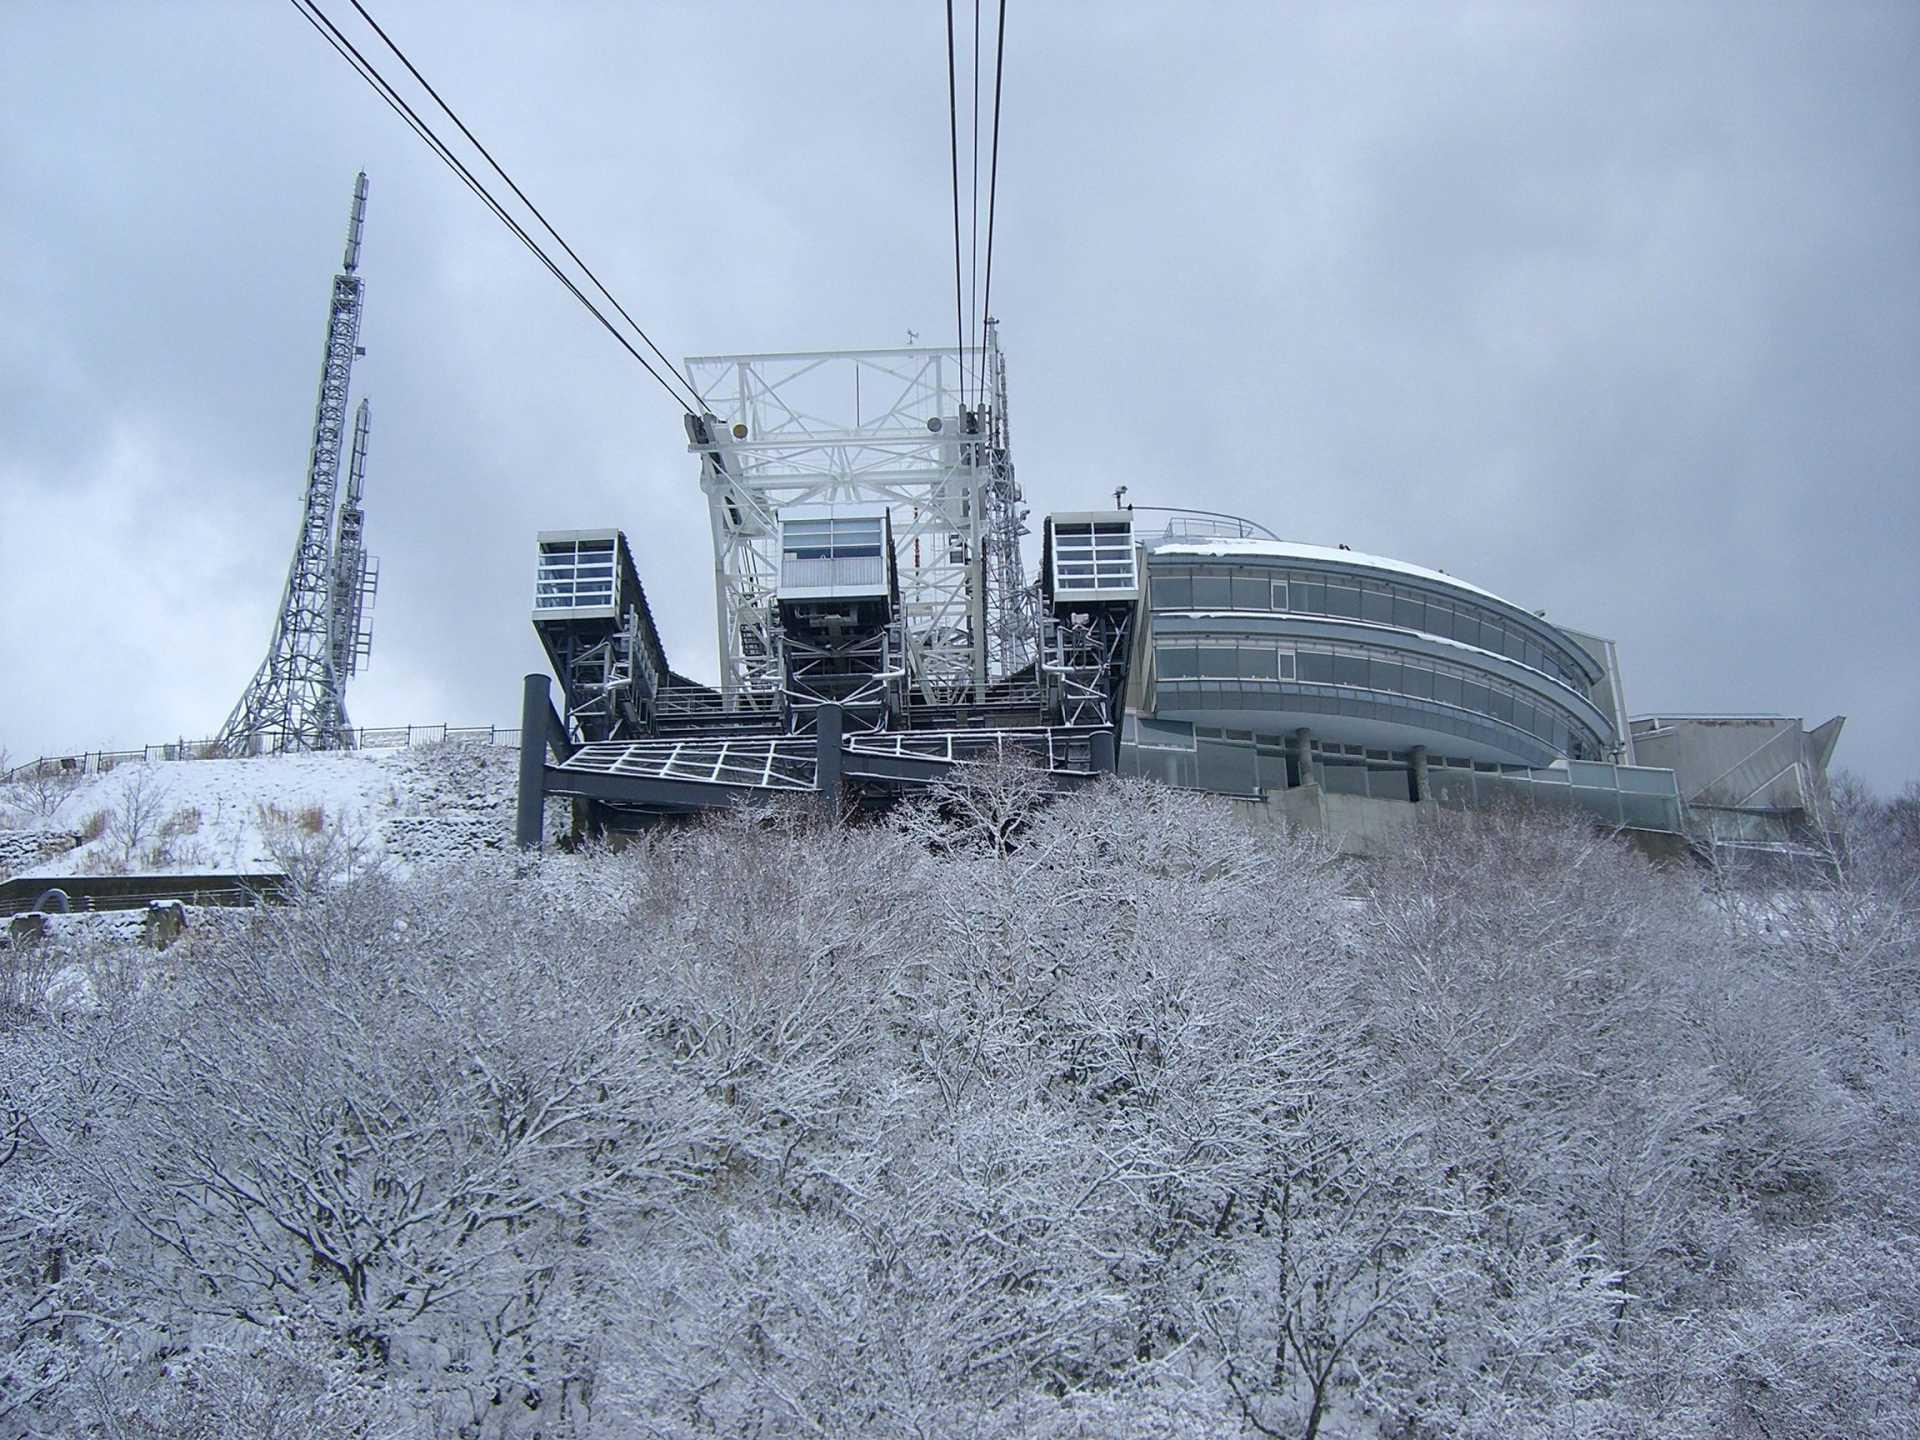 搭乘空中缆车前往函馆山的山顶